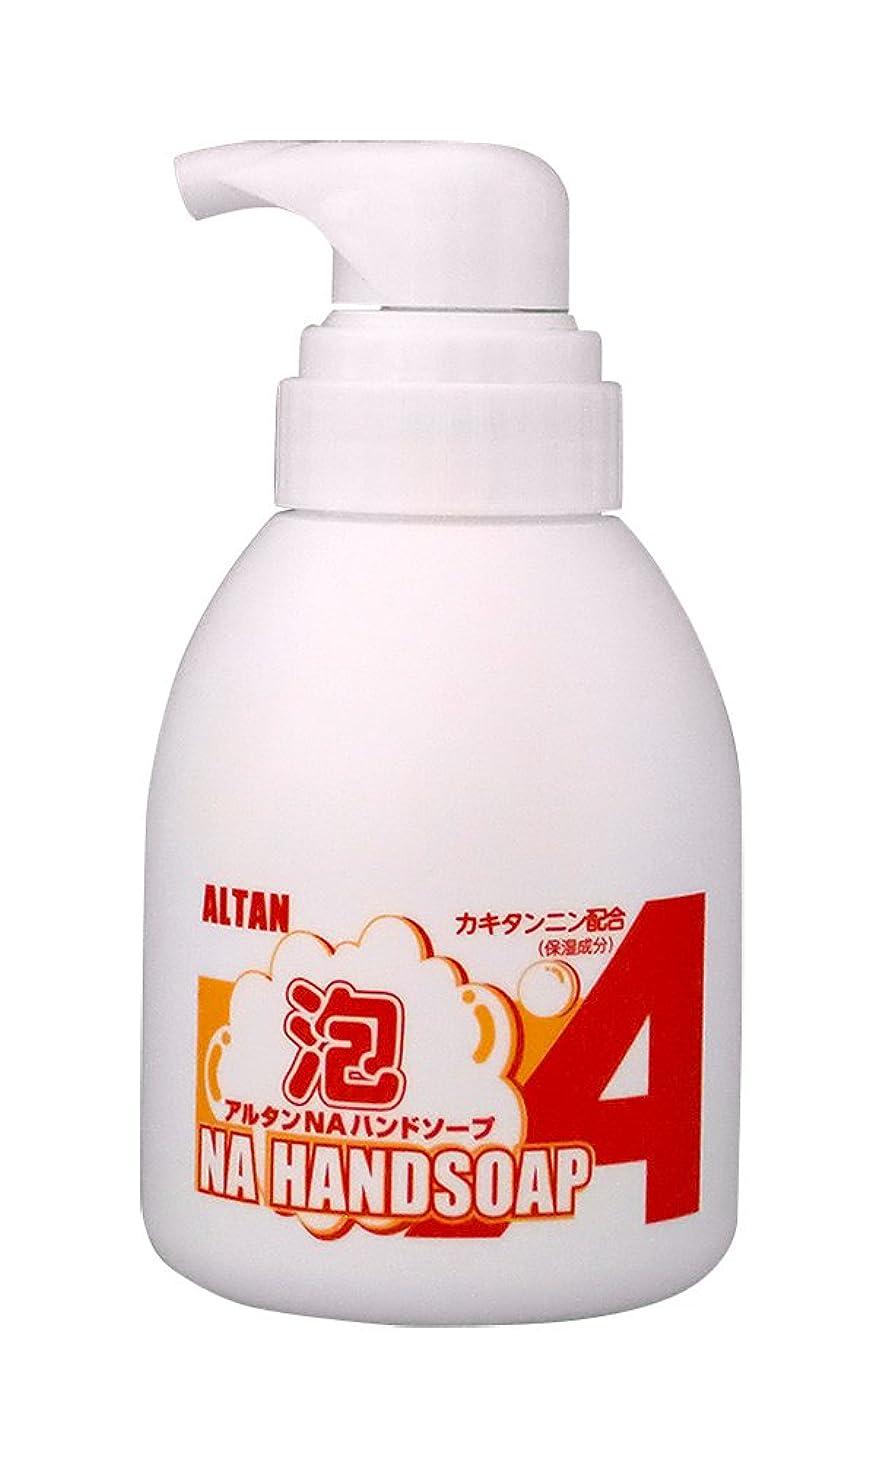 ゴミ箱寝る髄アルタン 業務用 洗浄用石けん アルタンNAハンドソープ 泡タイプ 500ml